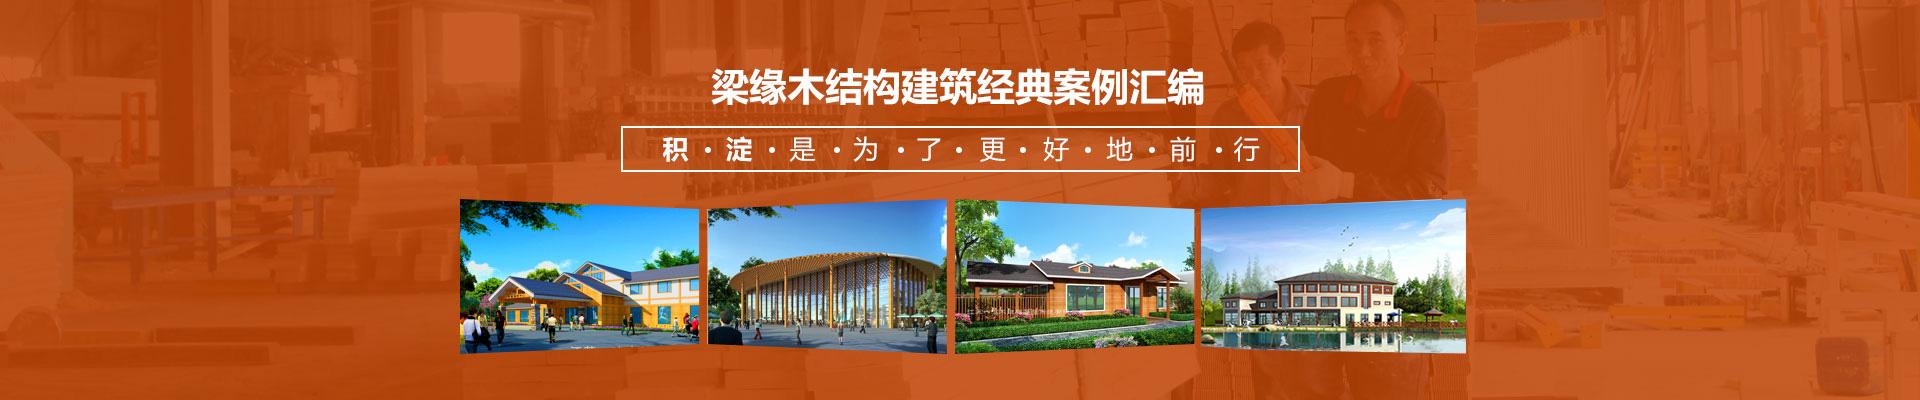 梁缘木结构建筑经典案例